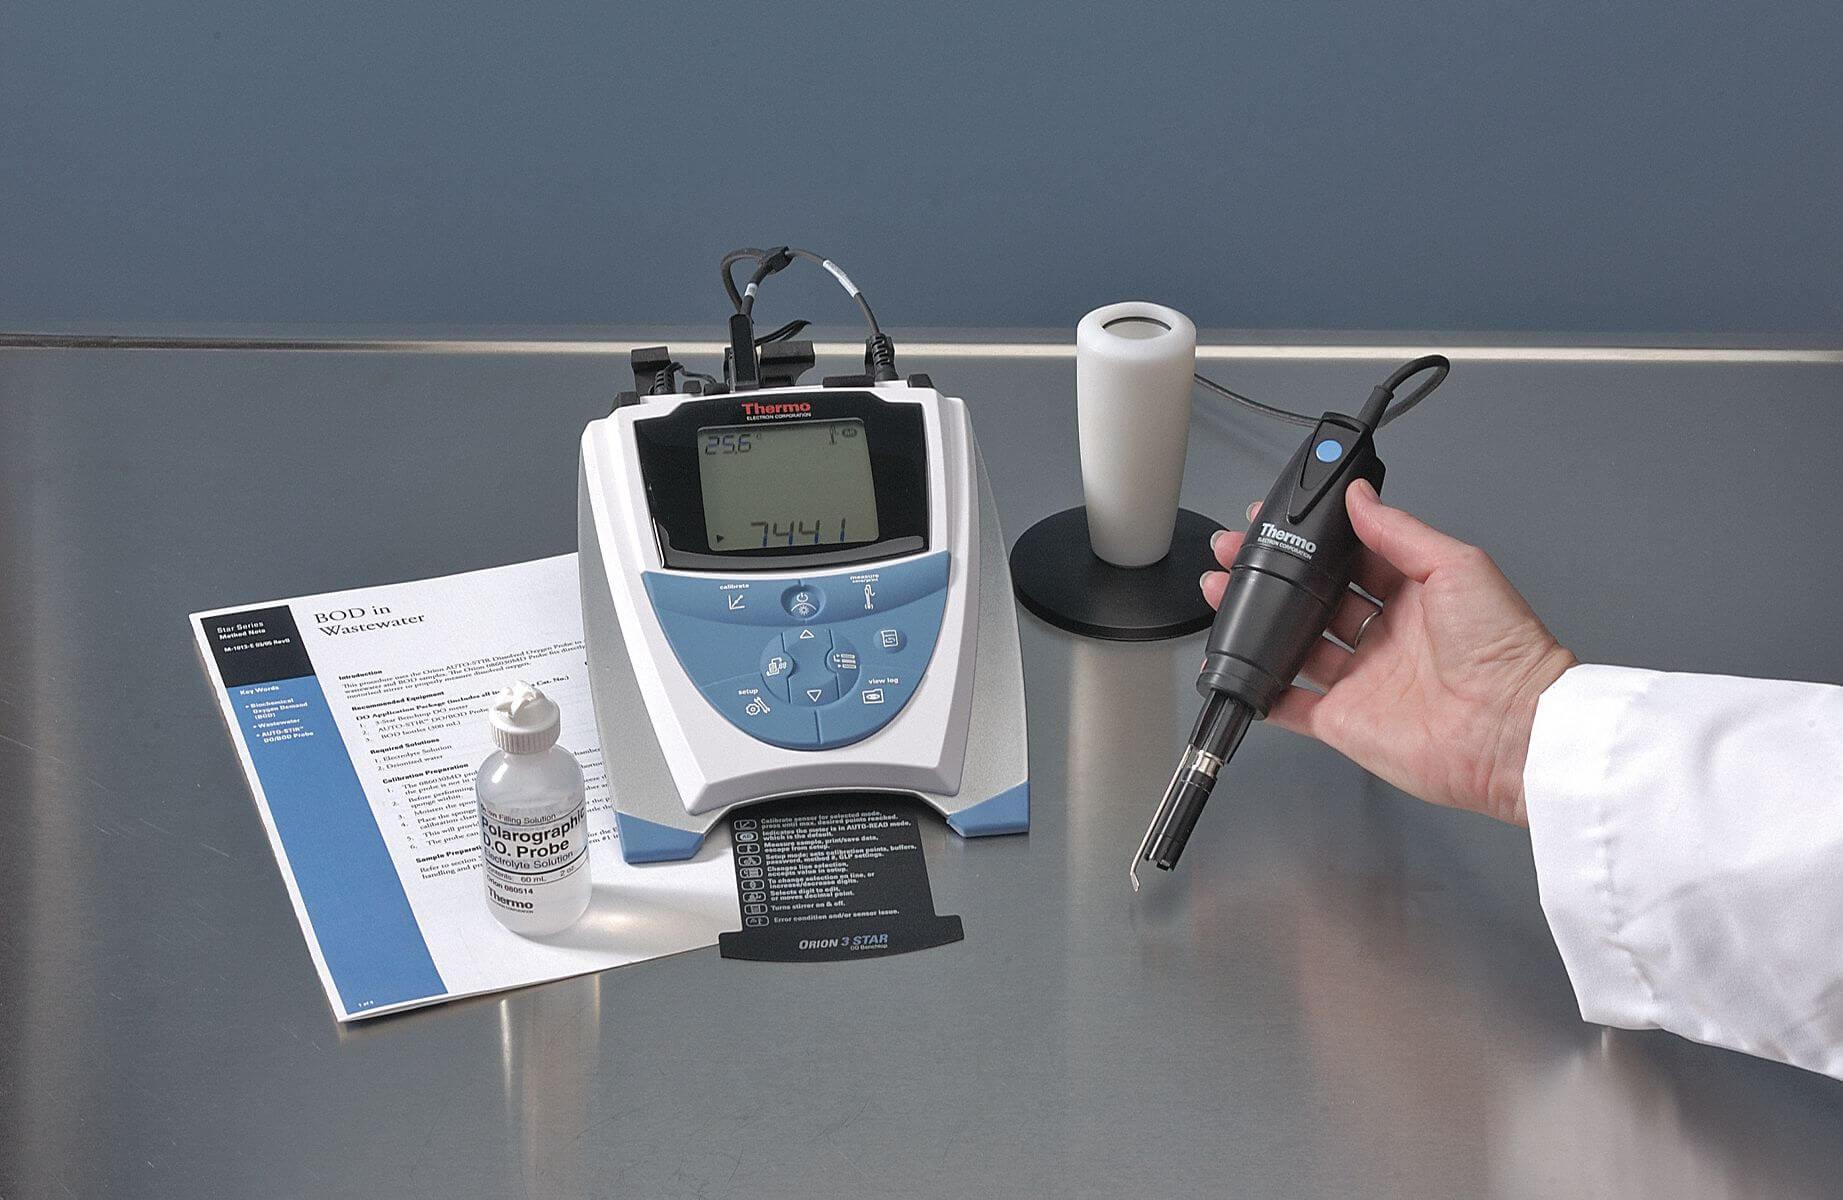 Nguyên lý hoạt động của máy đo oxy hòa tan